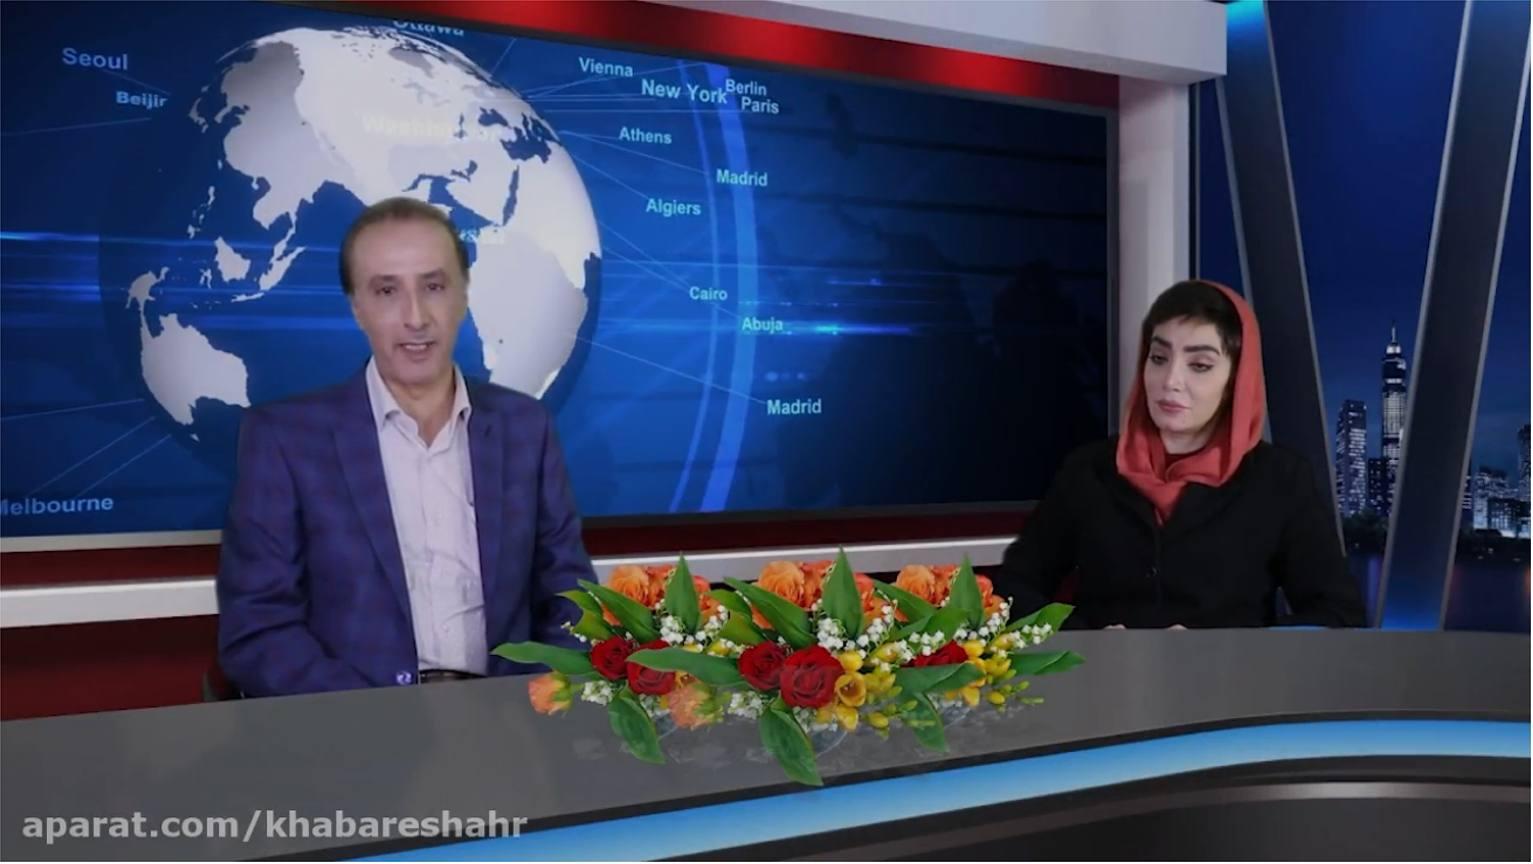 گفتوی لیلا بوشهری با اجرای محمد رضا حیاتی دراستودیو خبر شهر ( بخش 1)